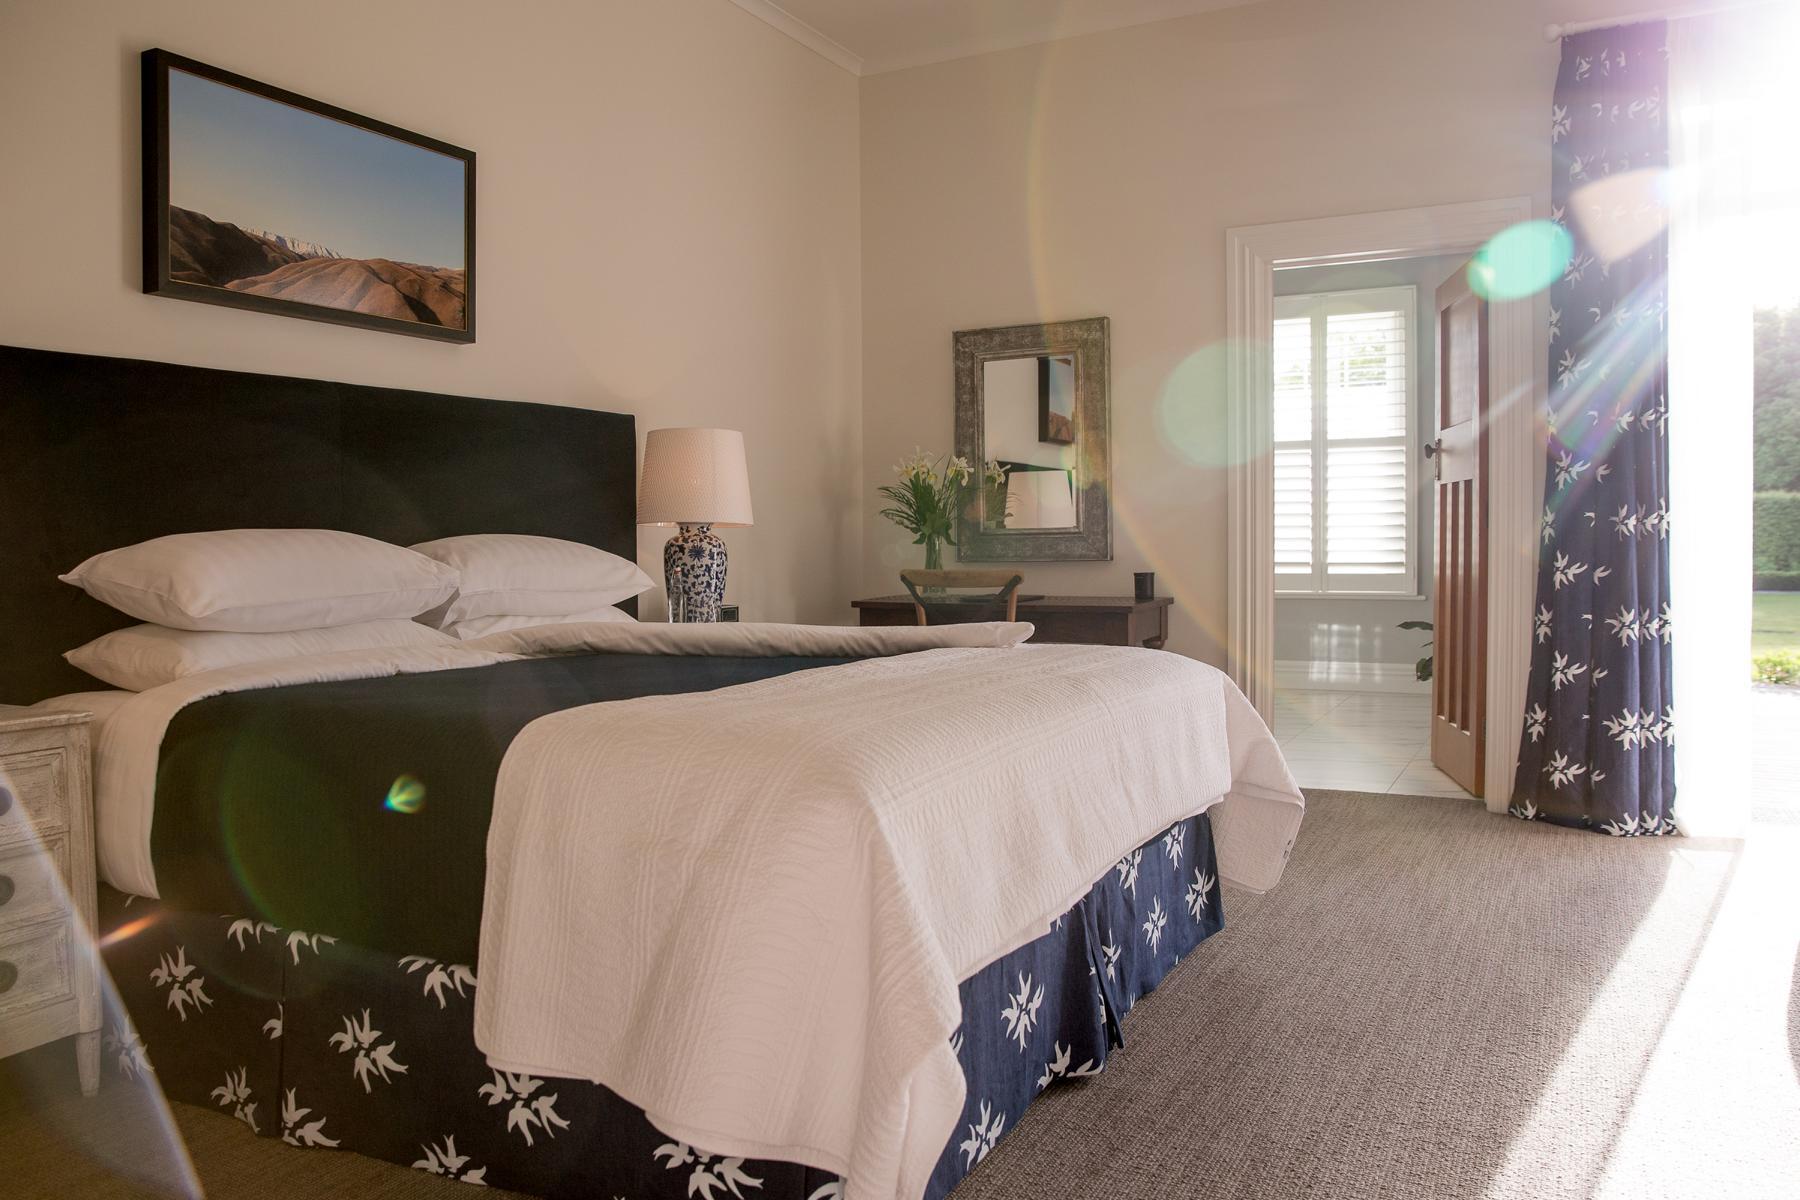 Schlafzimmer in der Marlborough Lodge in Neuseeland